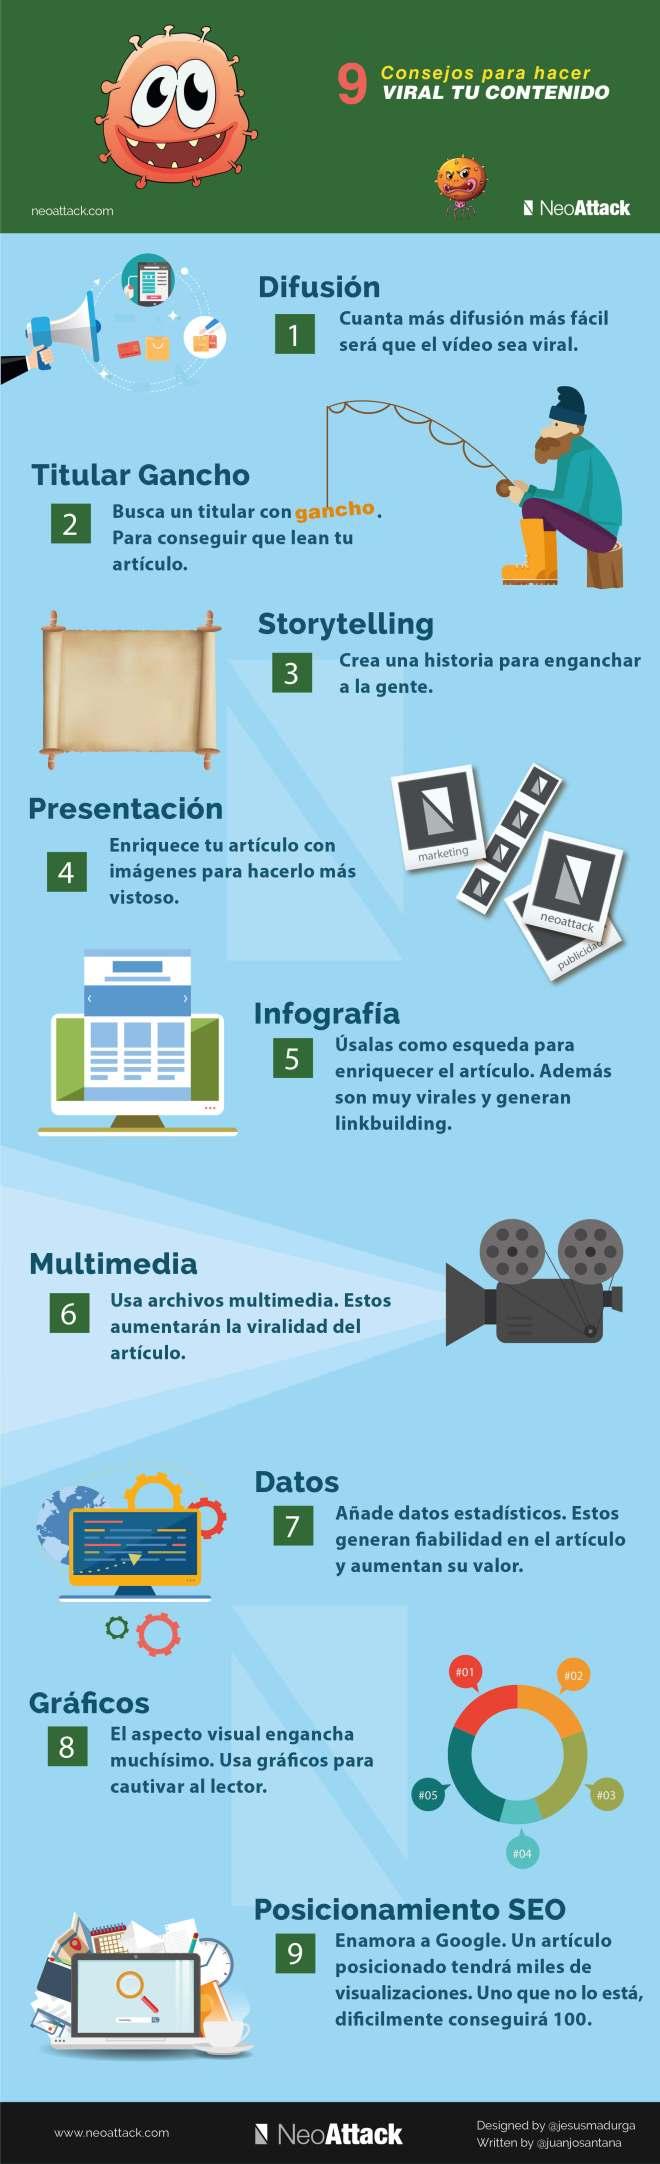 9 consejos para hacer viral tu contenido